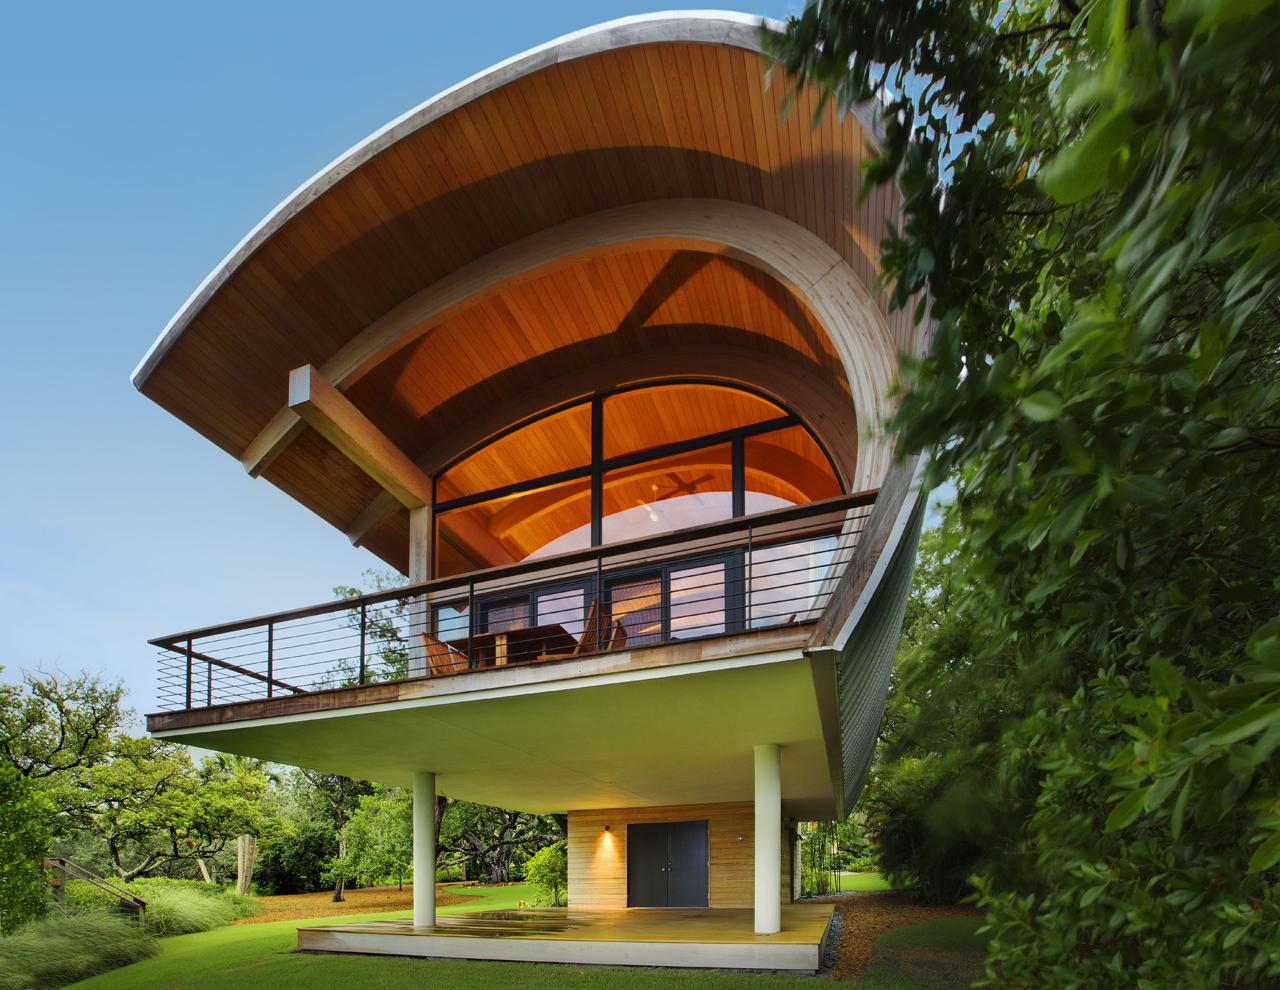 Casa de Convidados / TOTeMS architecture, © William S. Speer